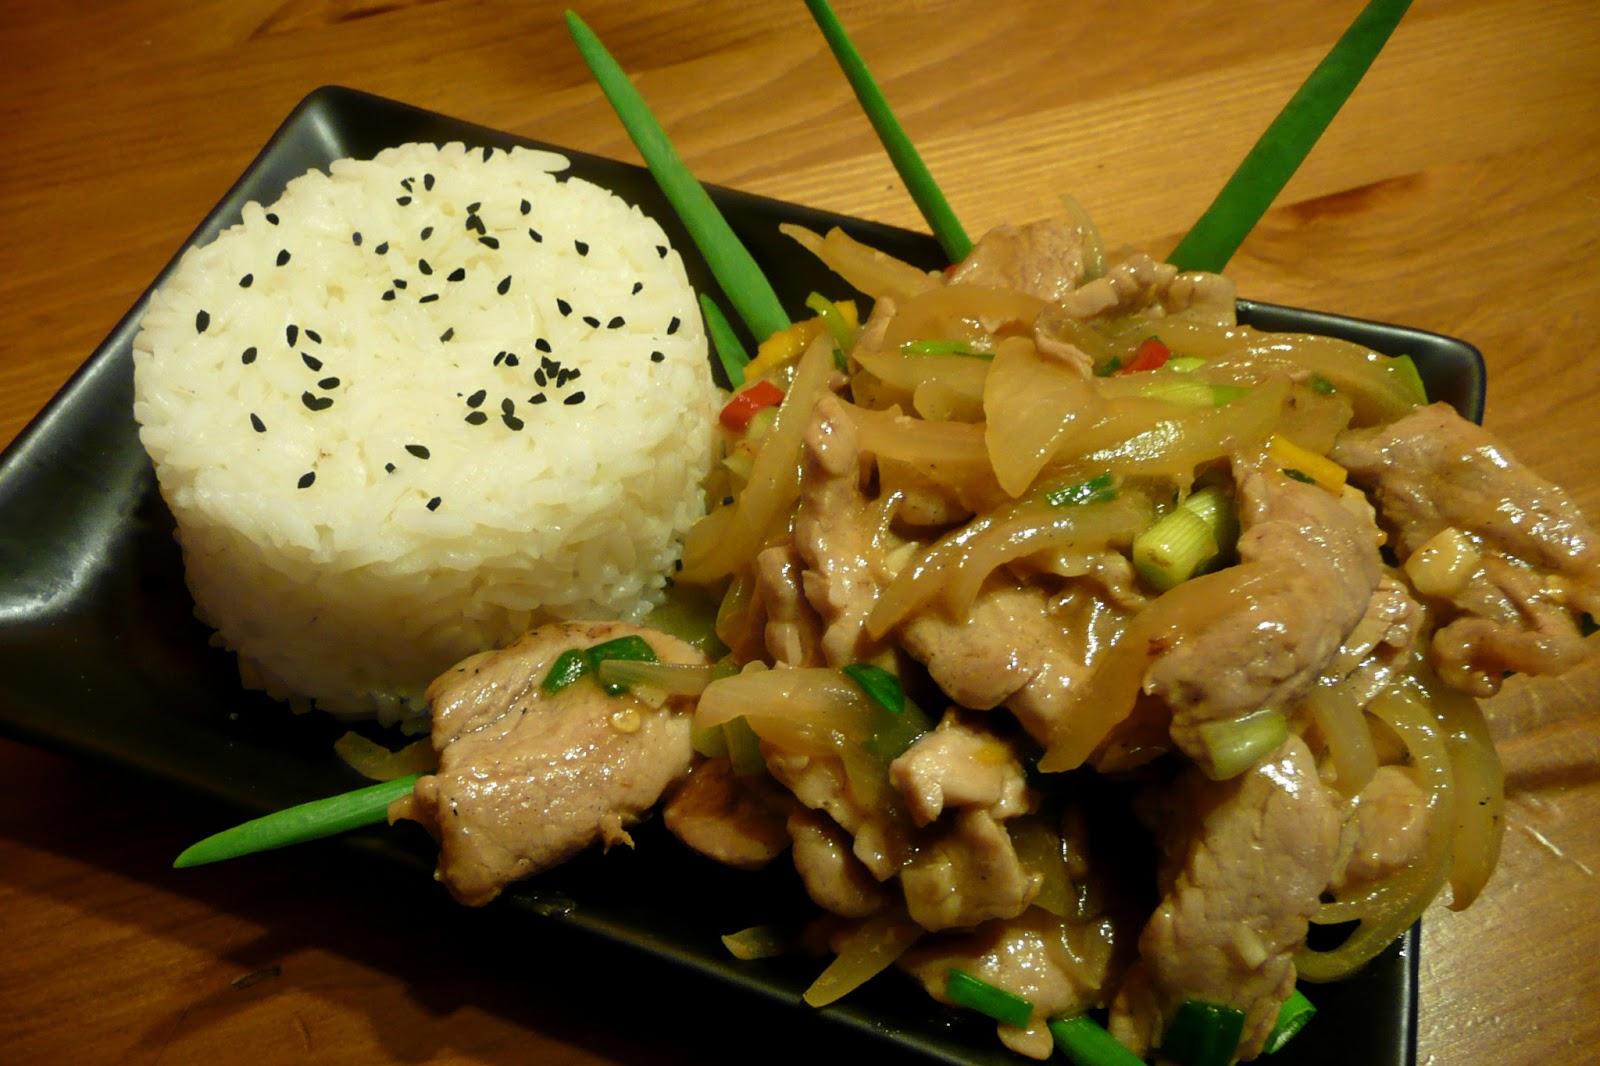 Kuchnia Azjatycka Strona 4 Gotowanie Rak Nie Brudzi